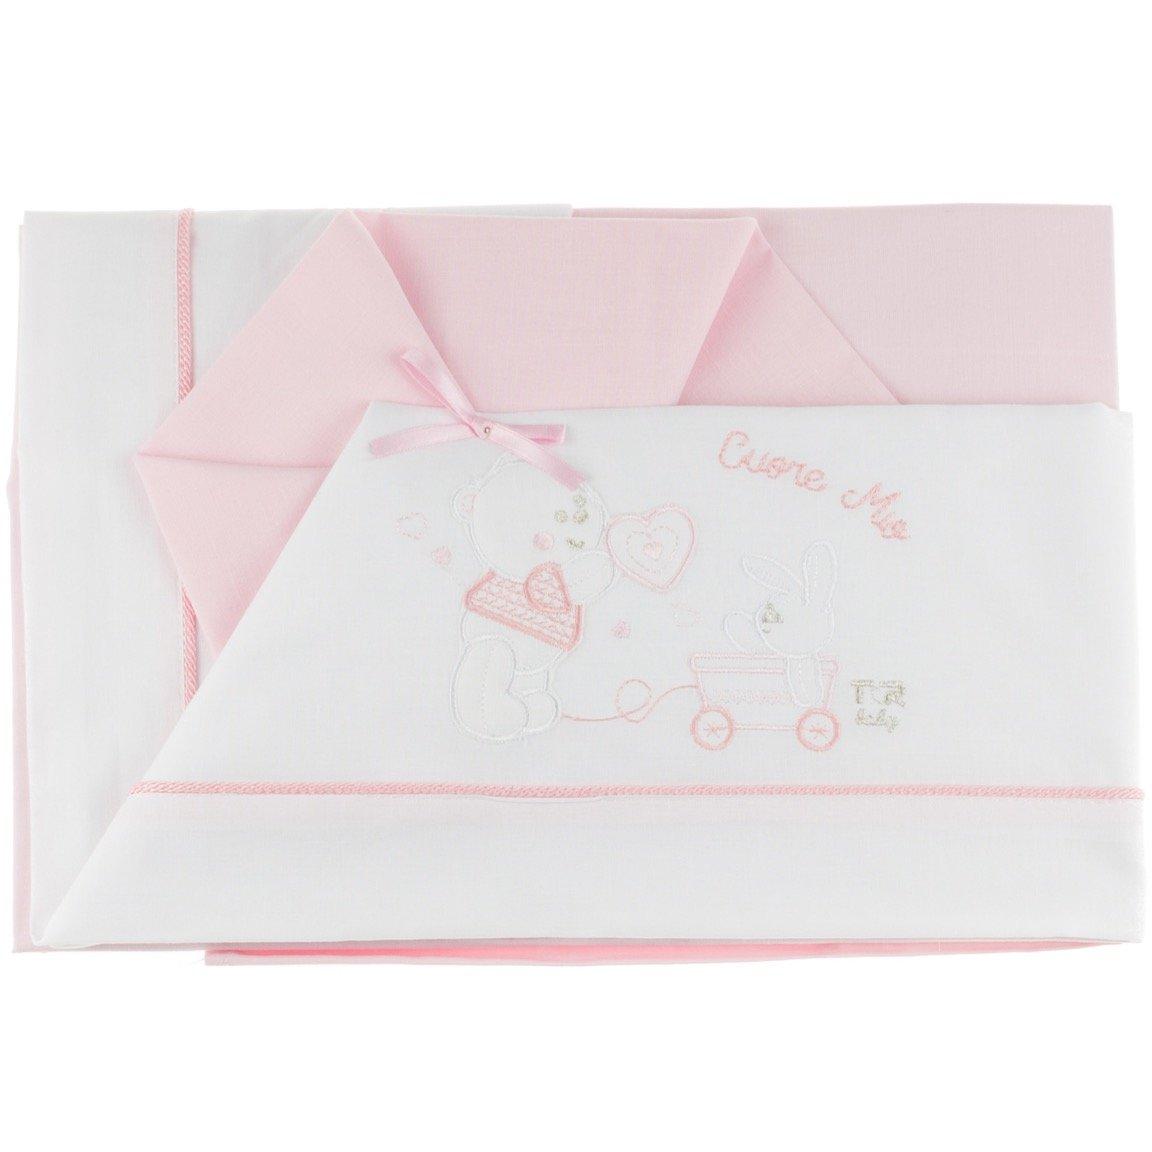 T&R σεντόνια σετ τριών τεμαχίων για παιδικό κρεβάτι (κούνια) «My Pink Heart»